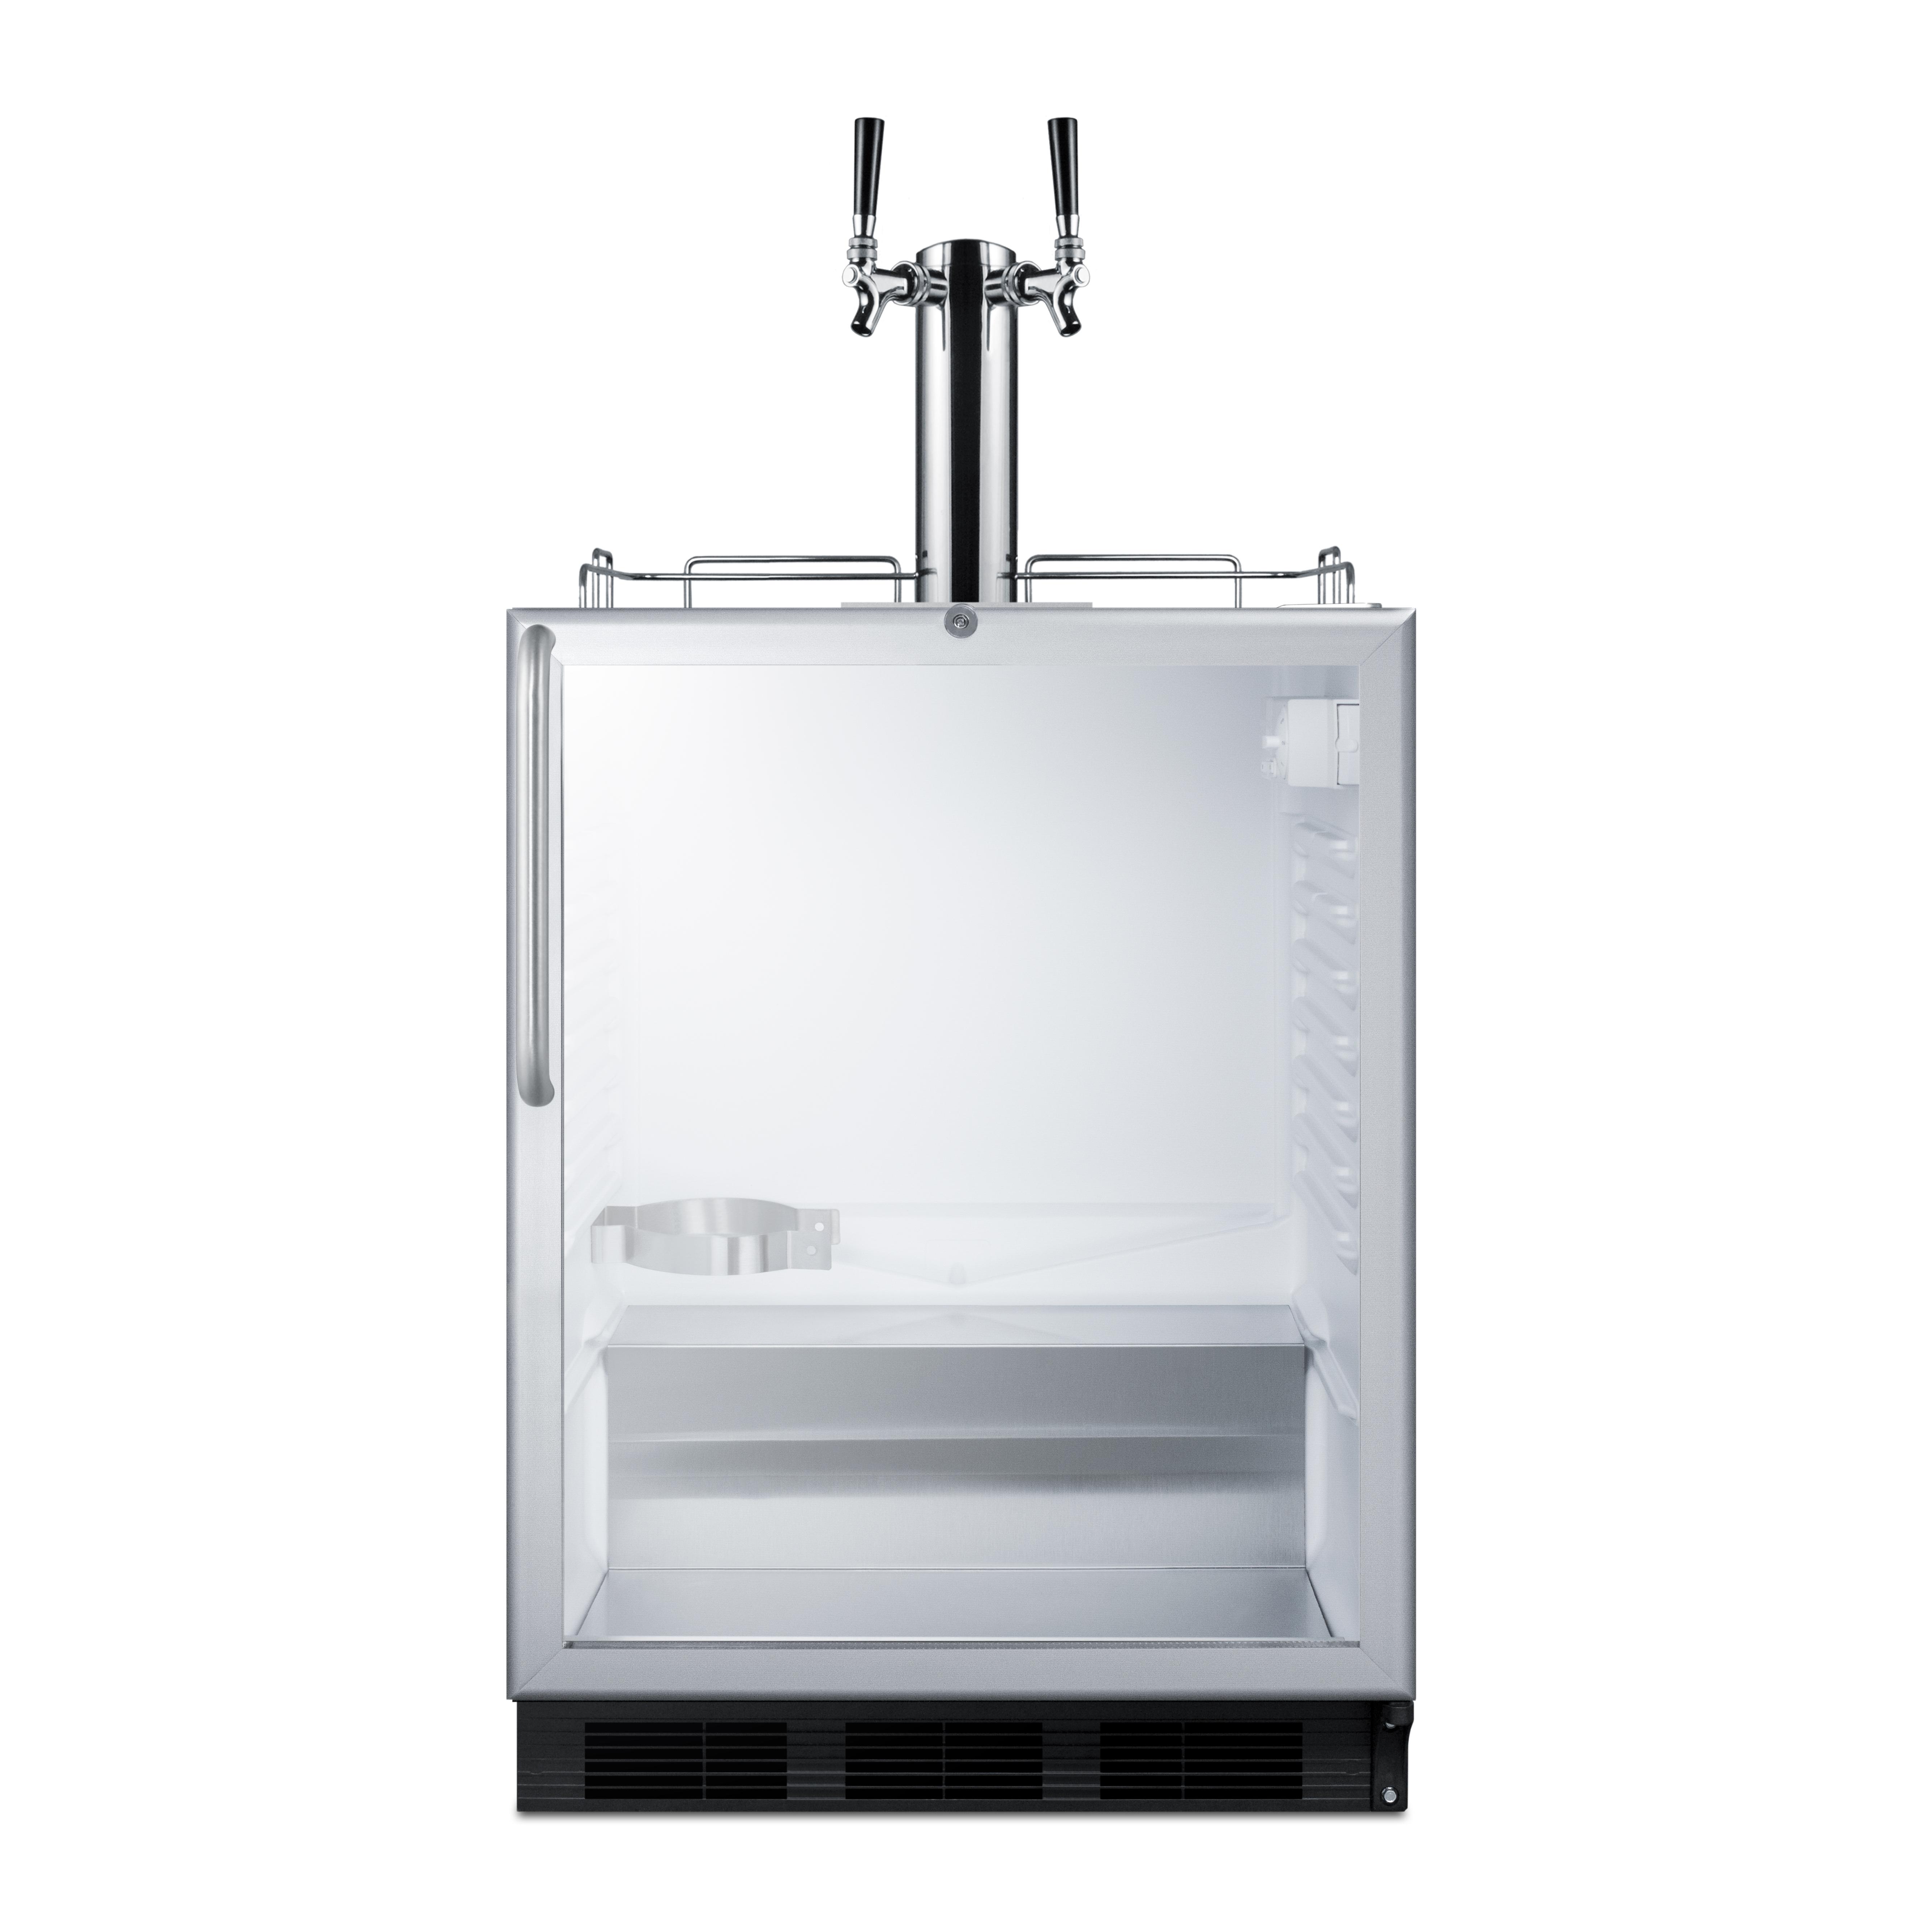 Summit Appliance SBC56GBICSSADA draft beer cooler